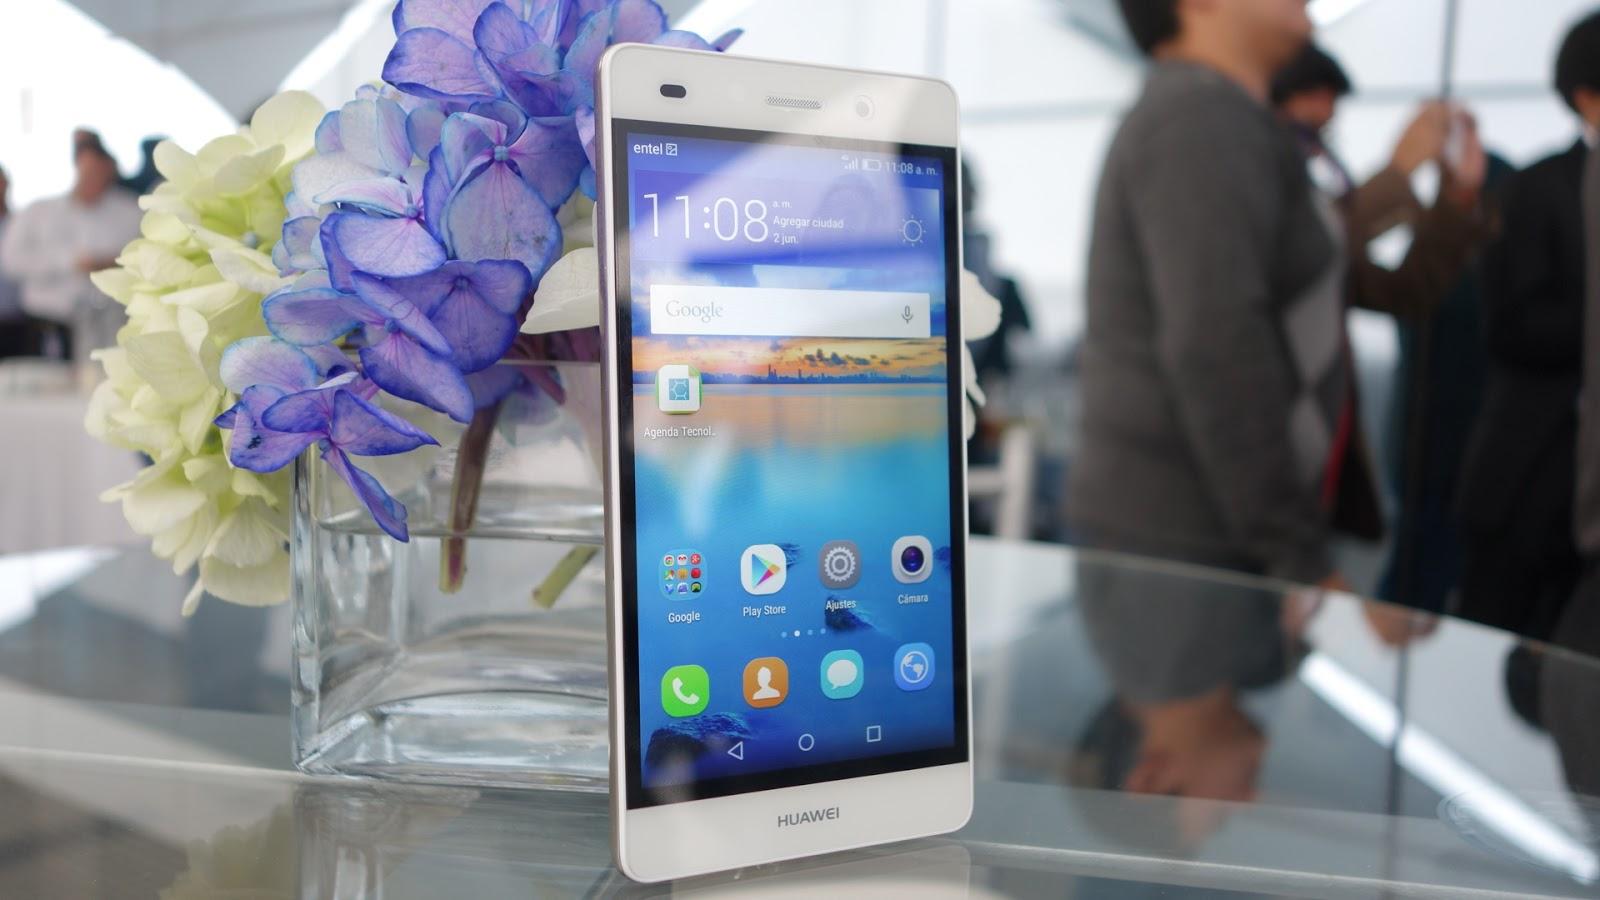 59bd30fa674 Huawei y Entel trae el Huawei P8 Lite al Perú [NOTICIAS] ~ El blog ...